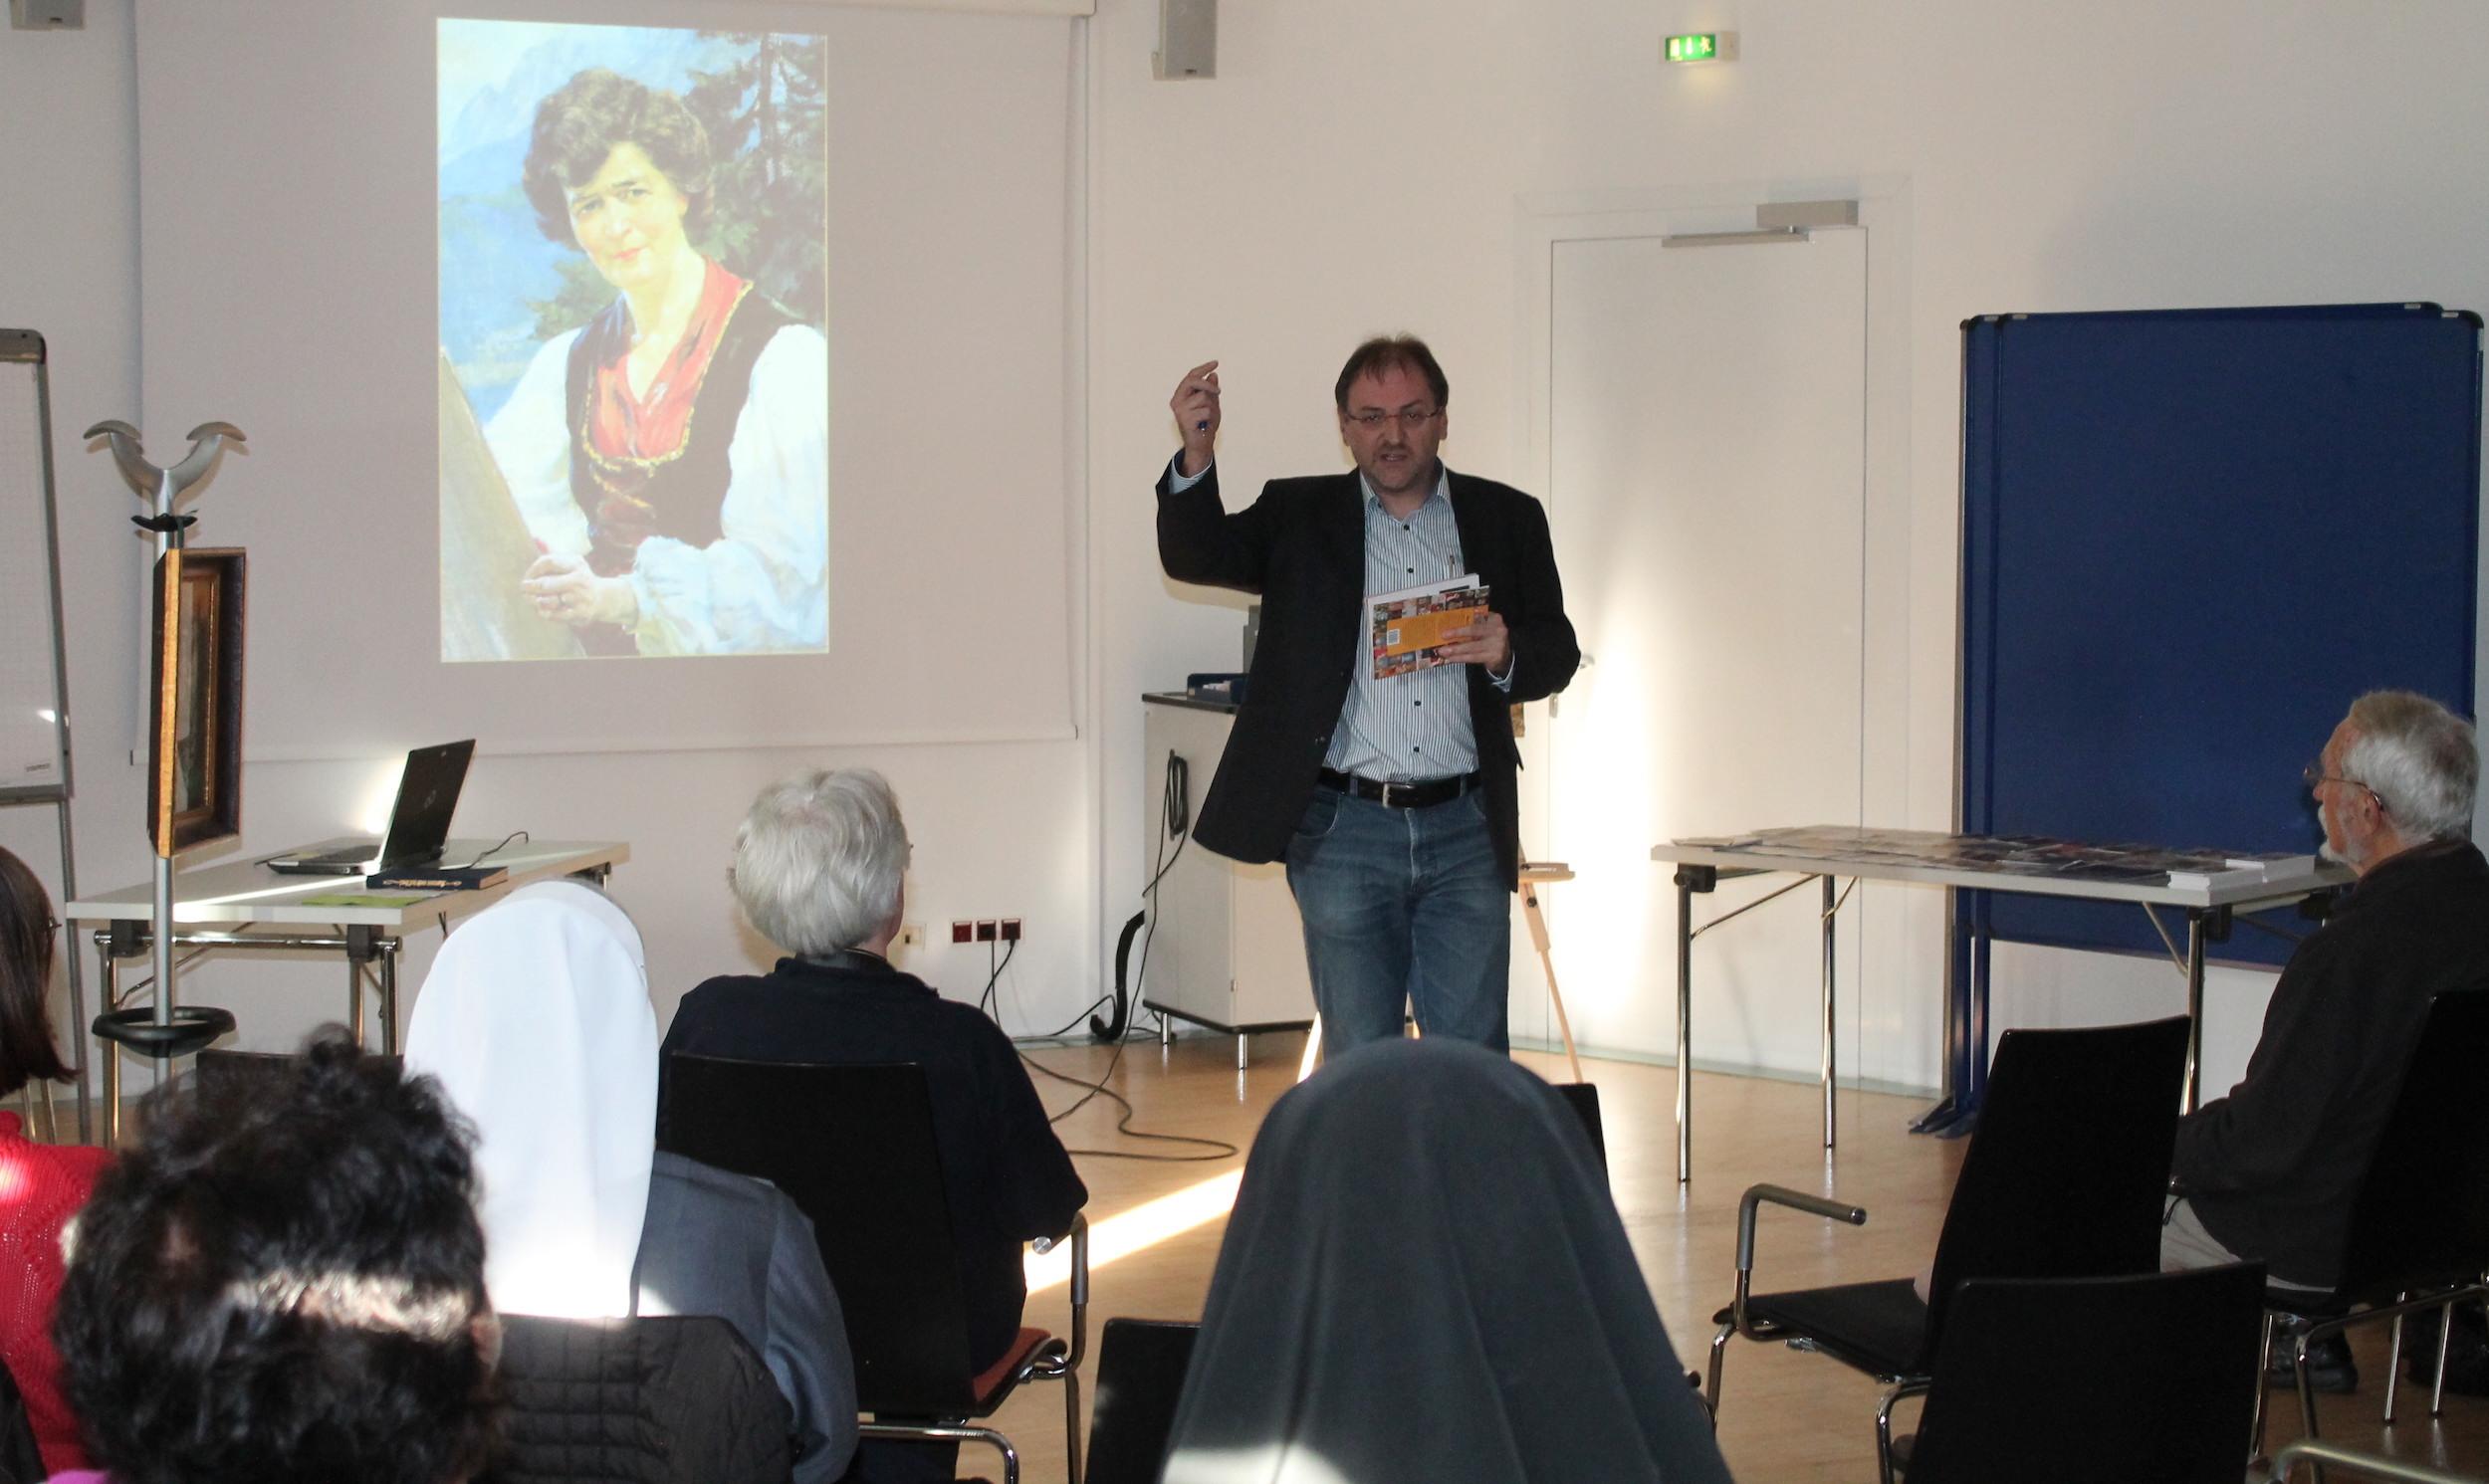 Reinhard Heiserer, Vorsitzender von Jugend Eine Welt, erklärt die Geschichte zum Buch